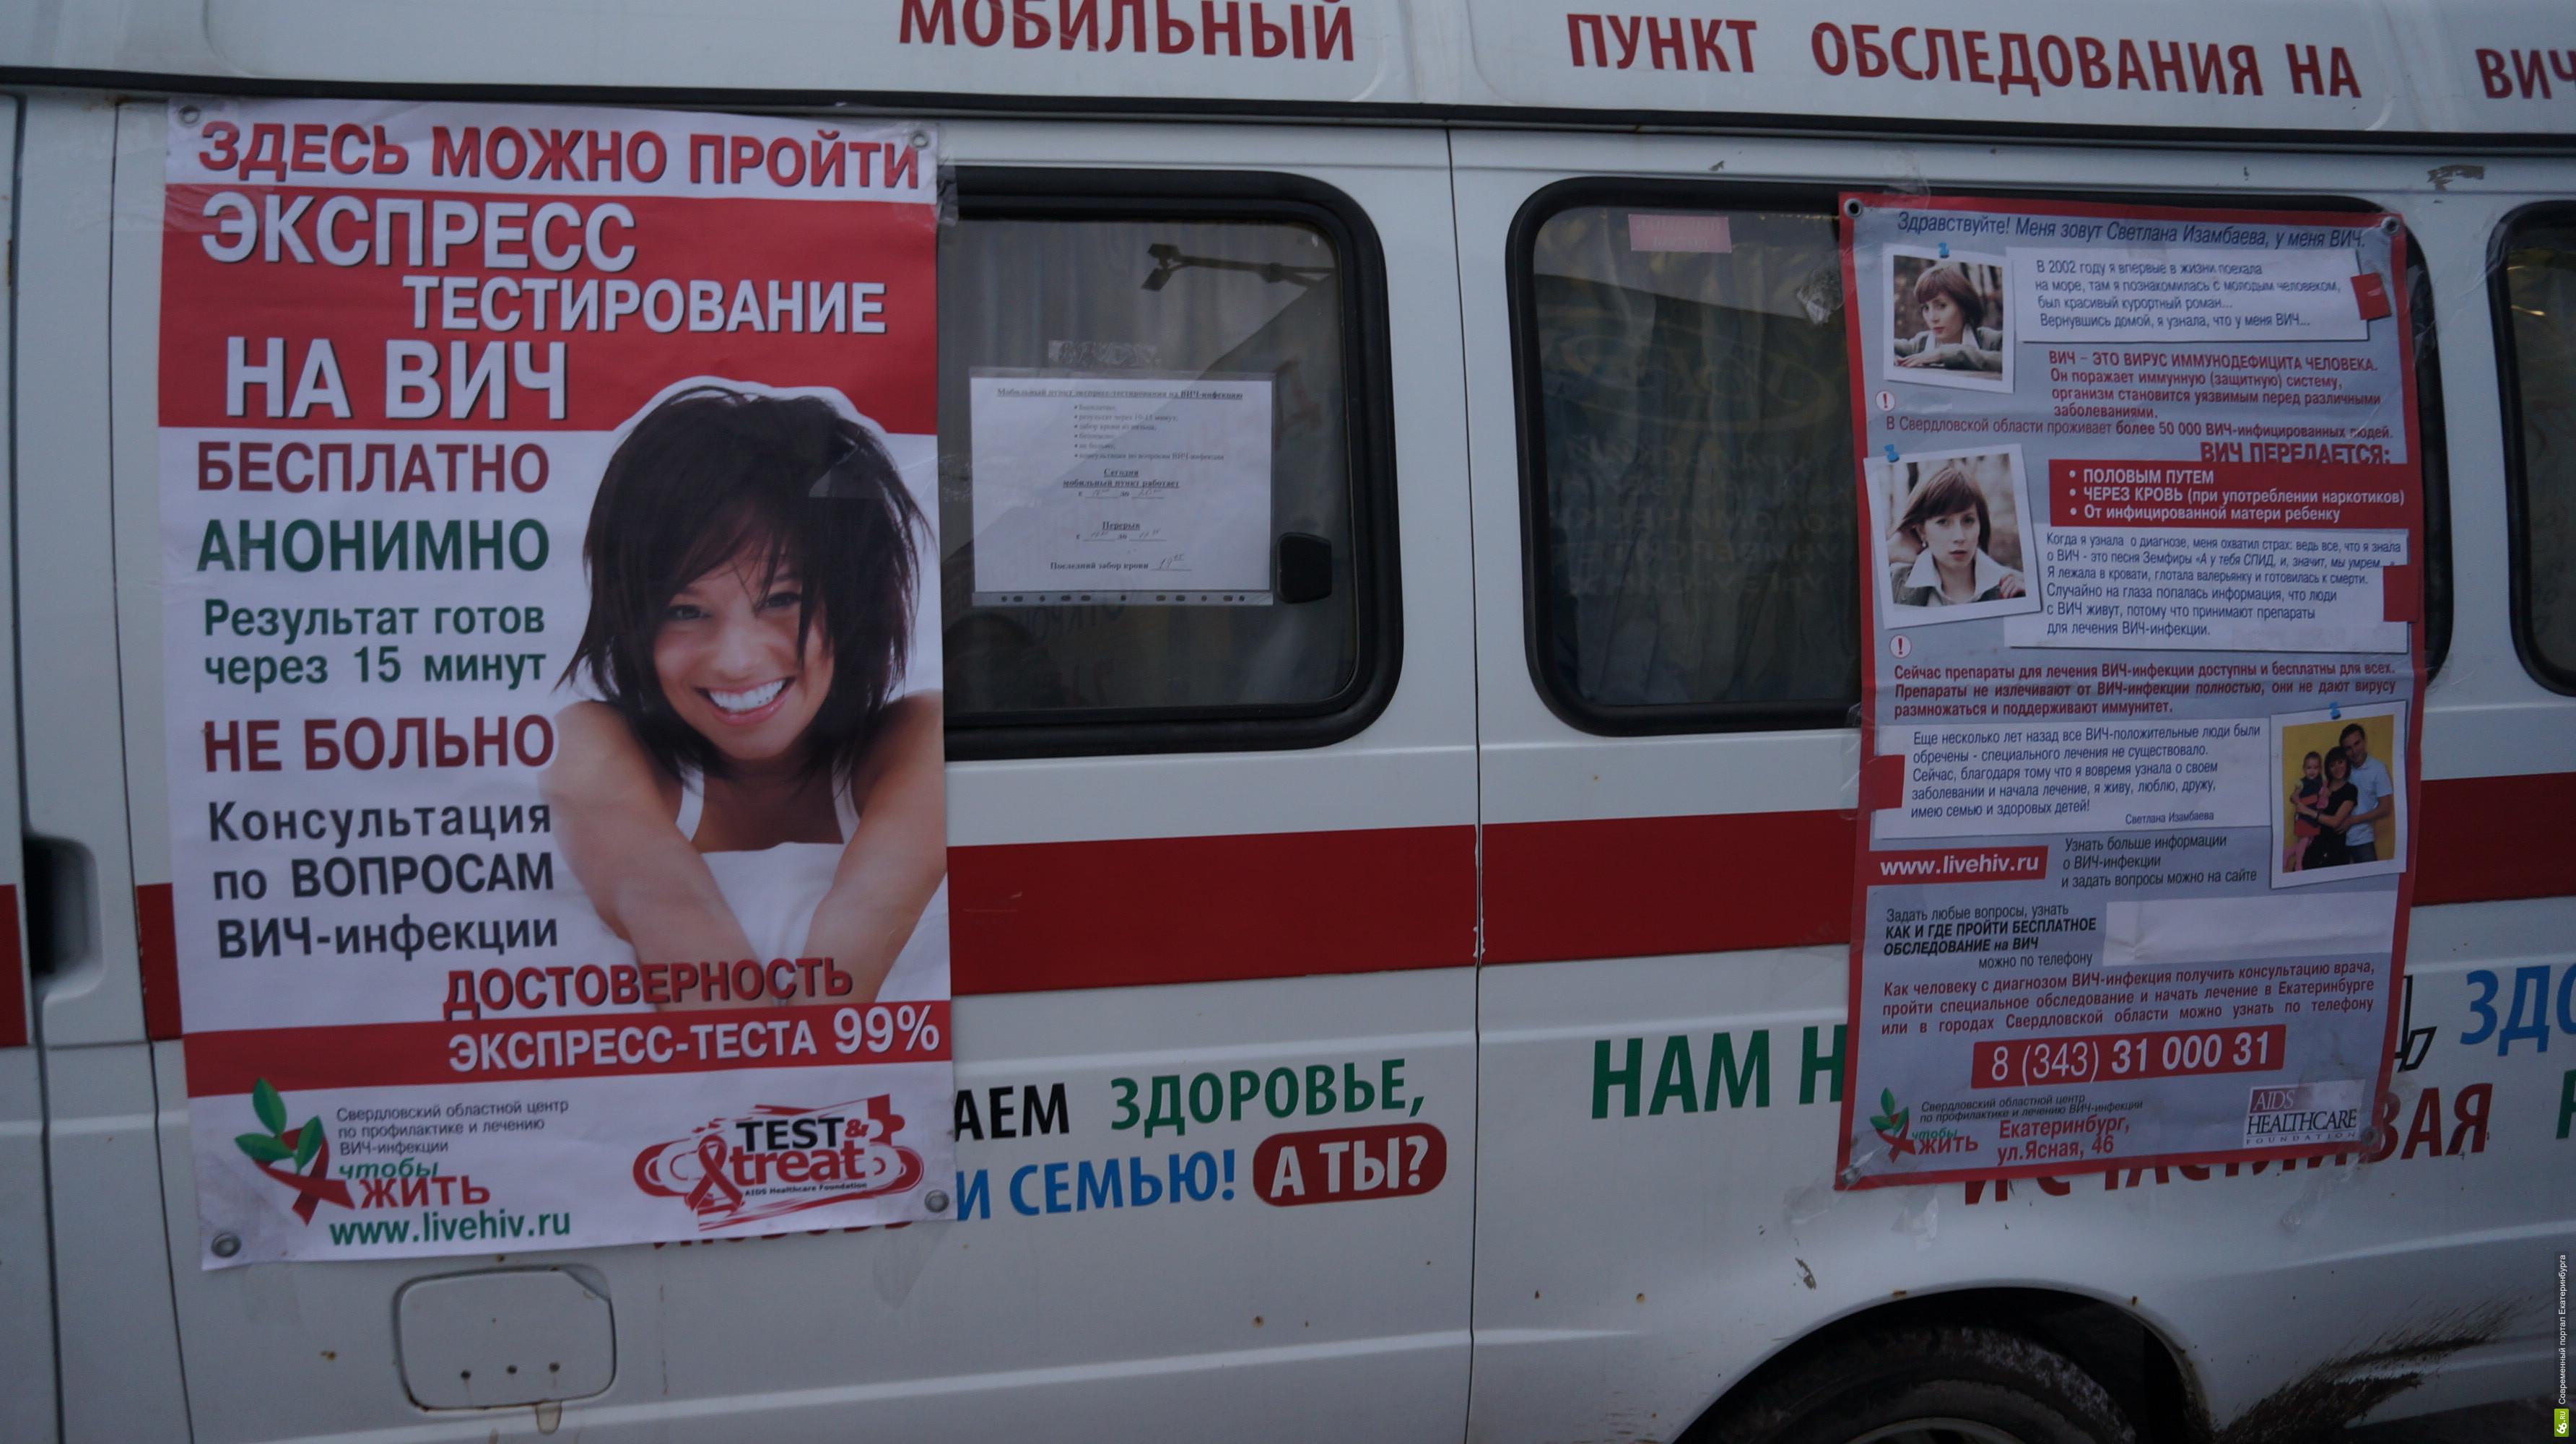 Влюбленным 14 февраля предложат провериться на ВИЧ